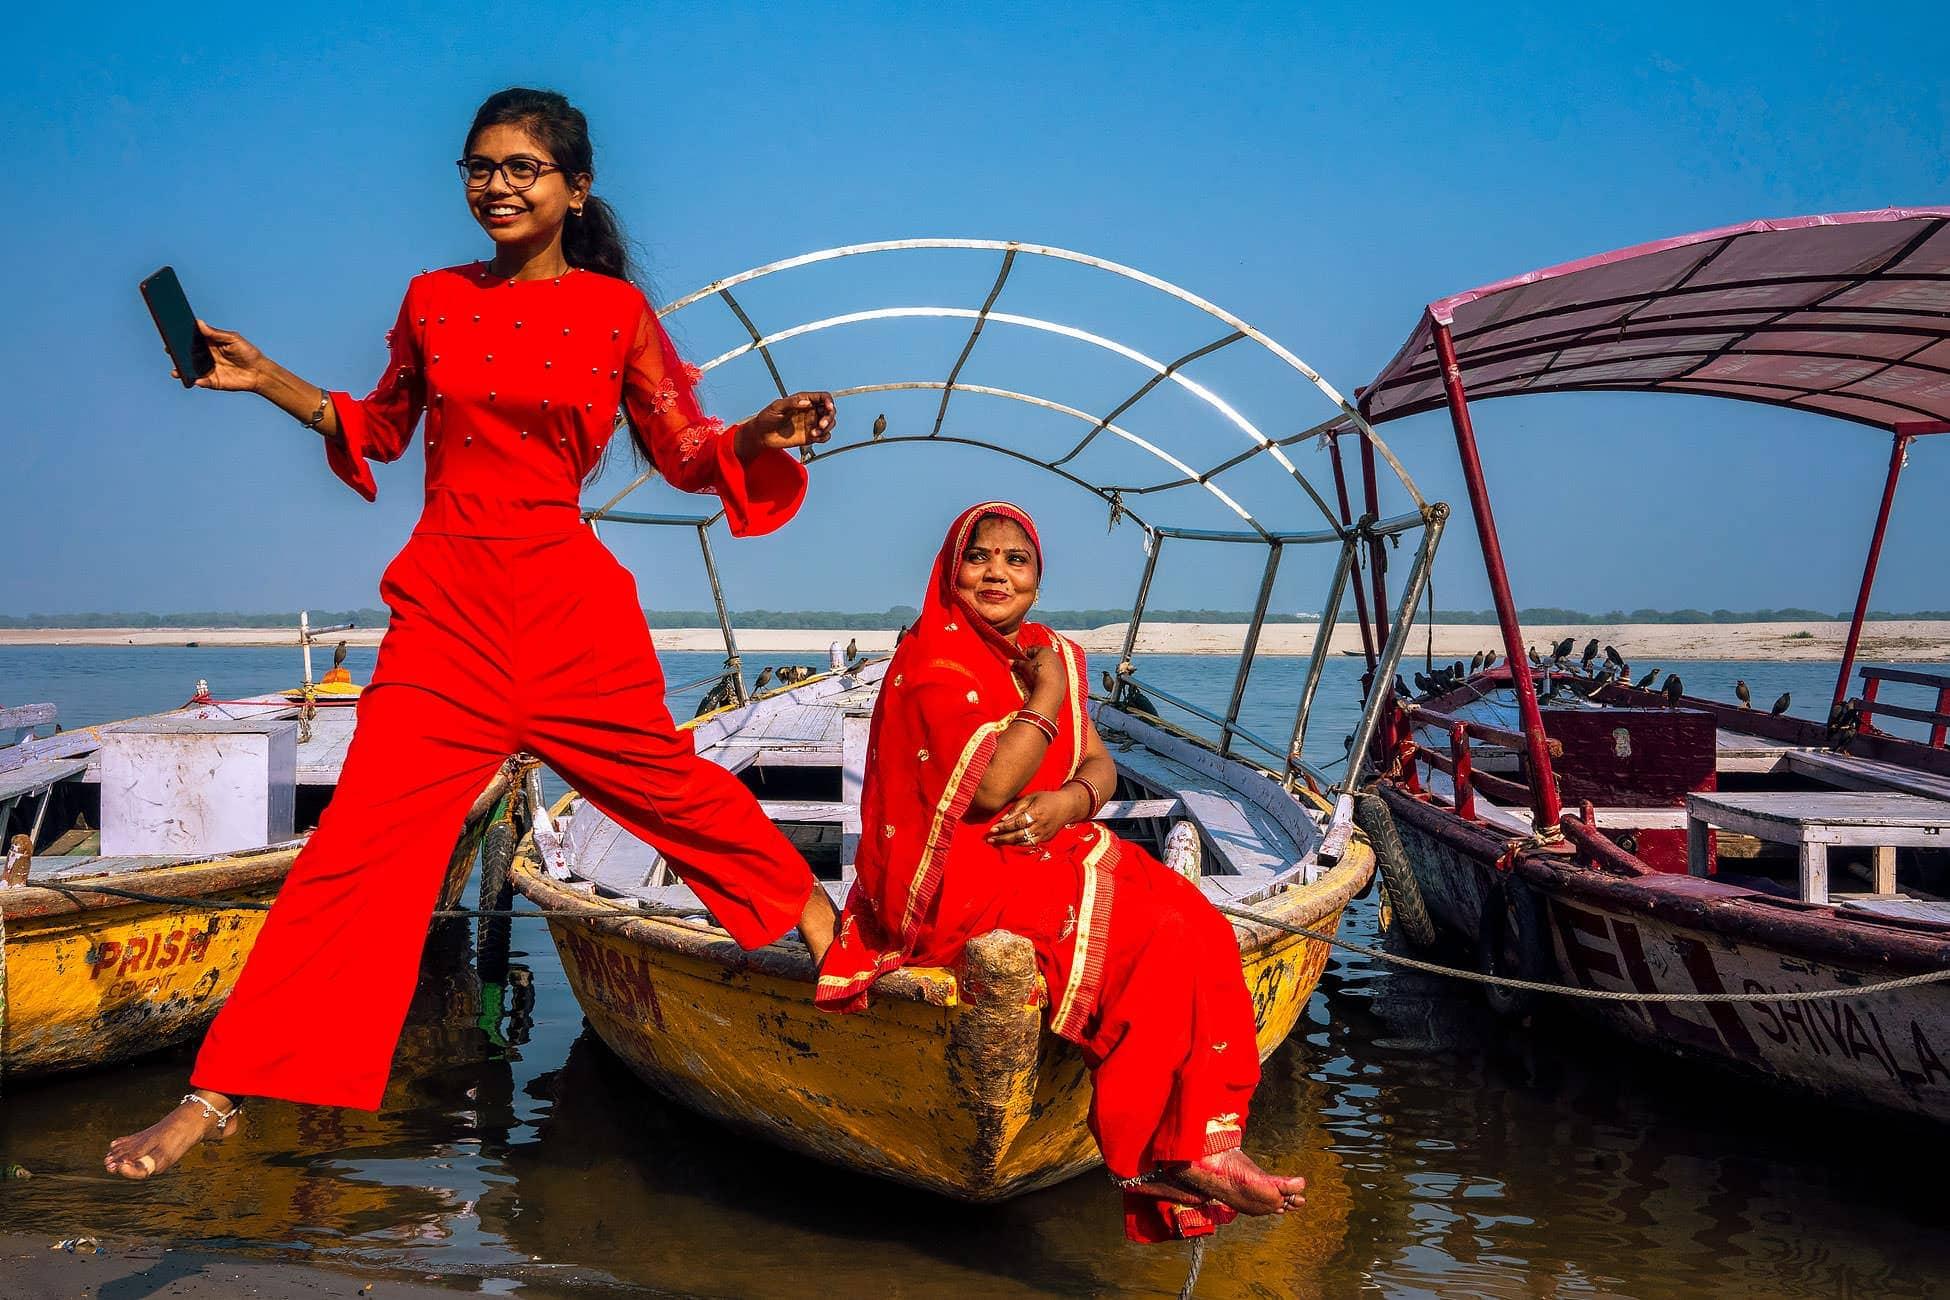 India street photography Varanasi and Delhi